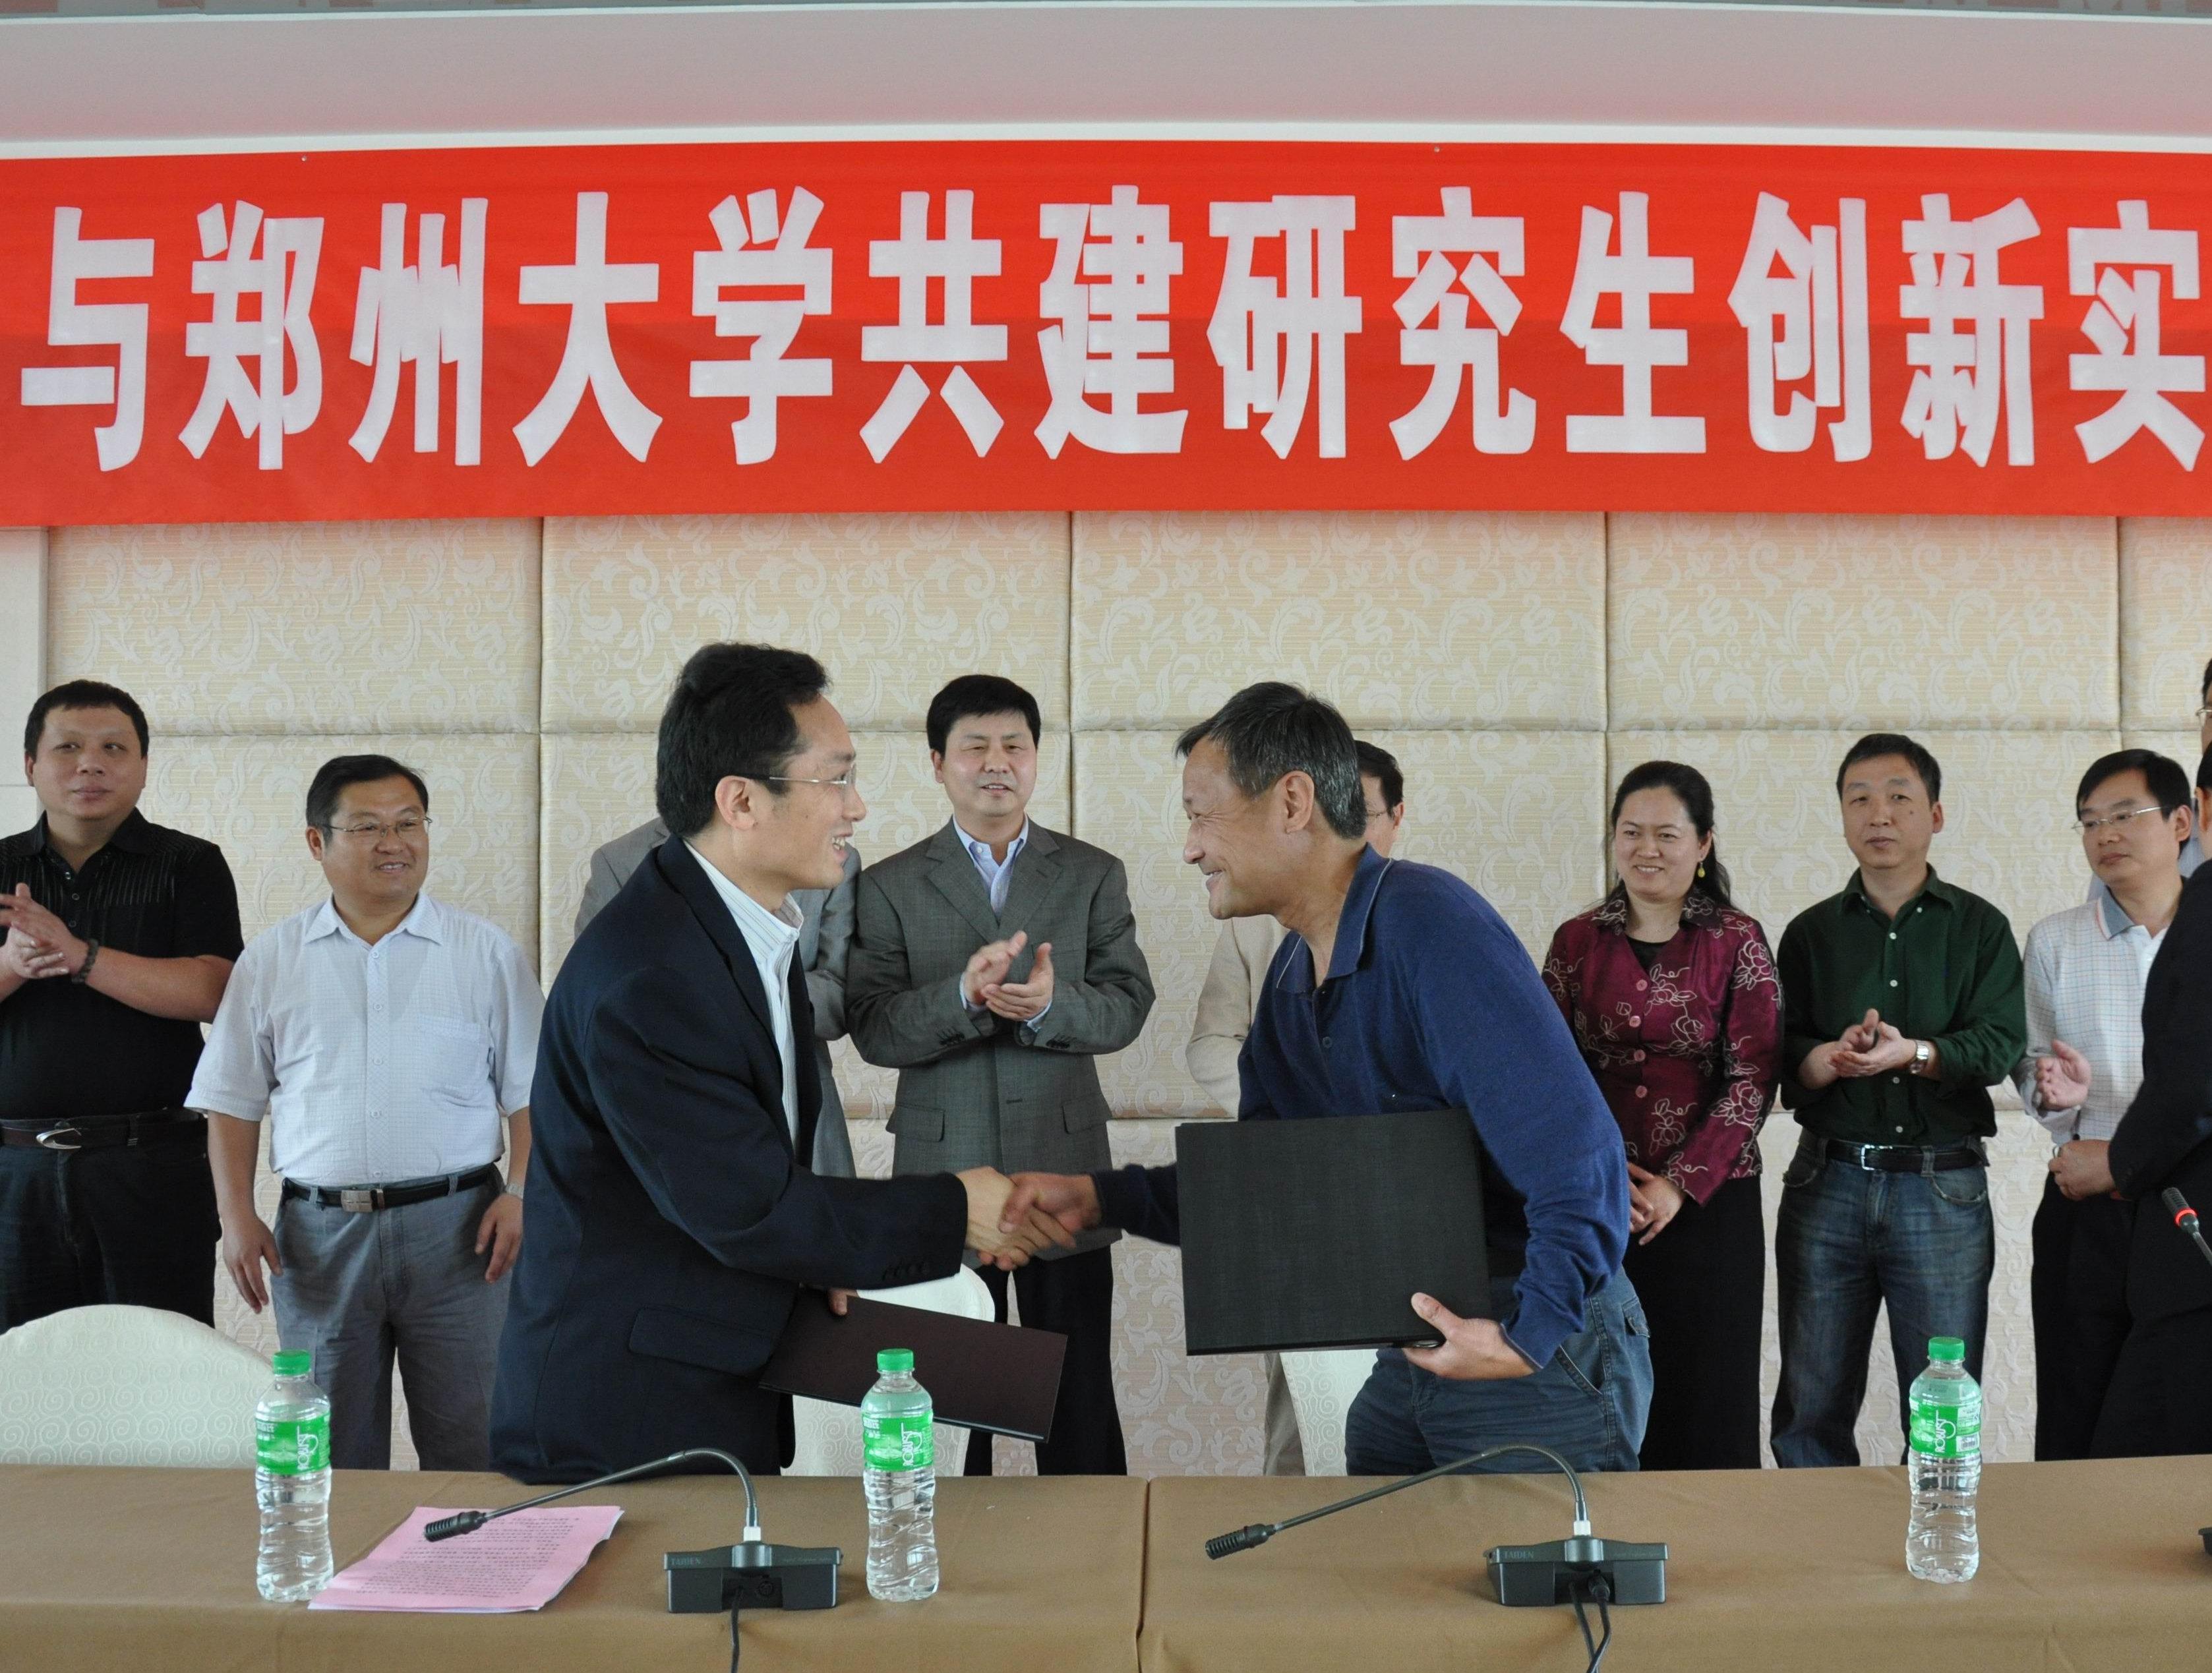 郑州大学土木工程就业